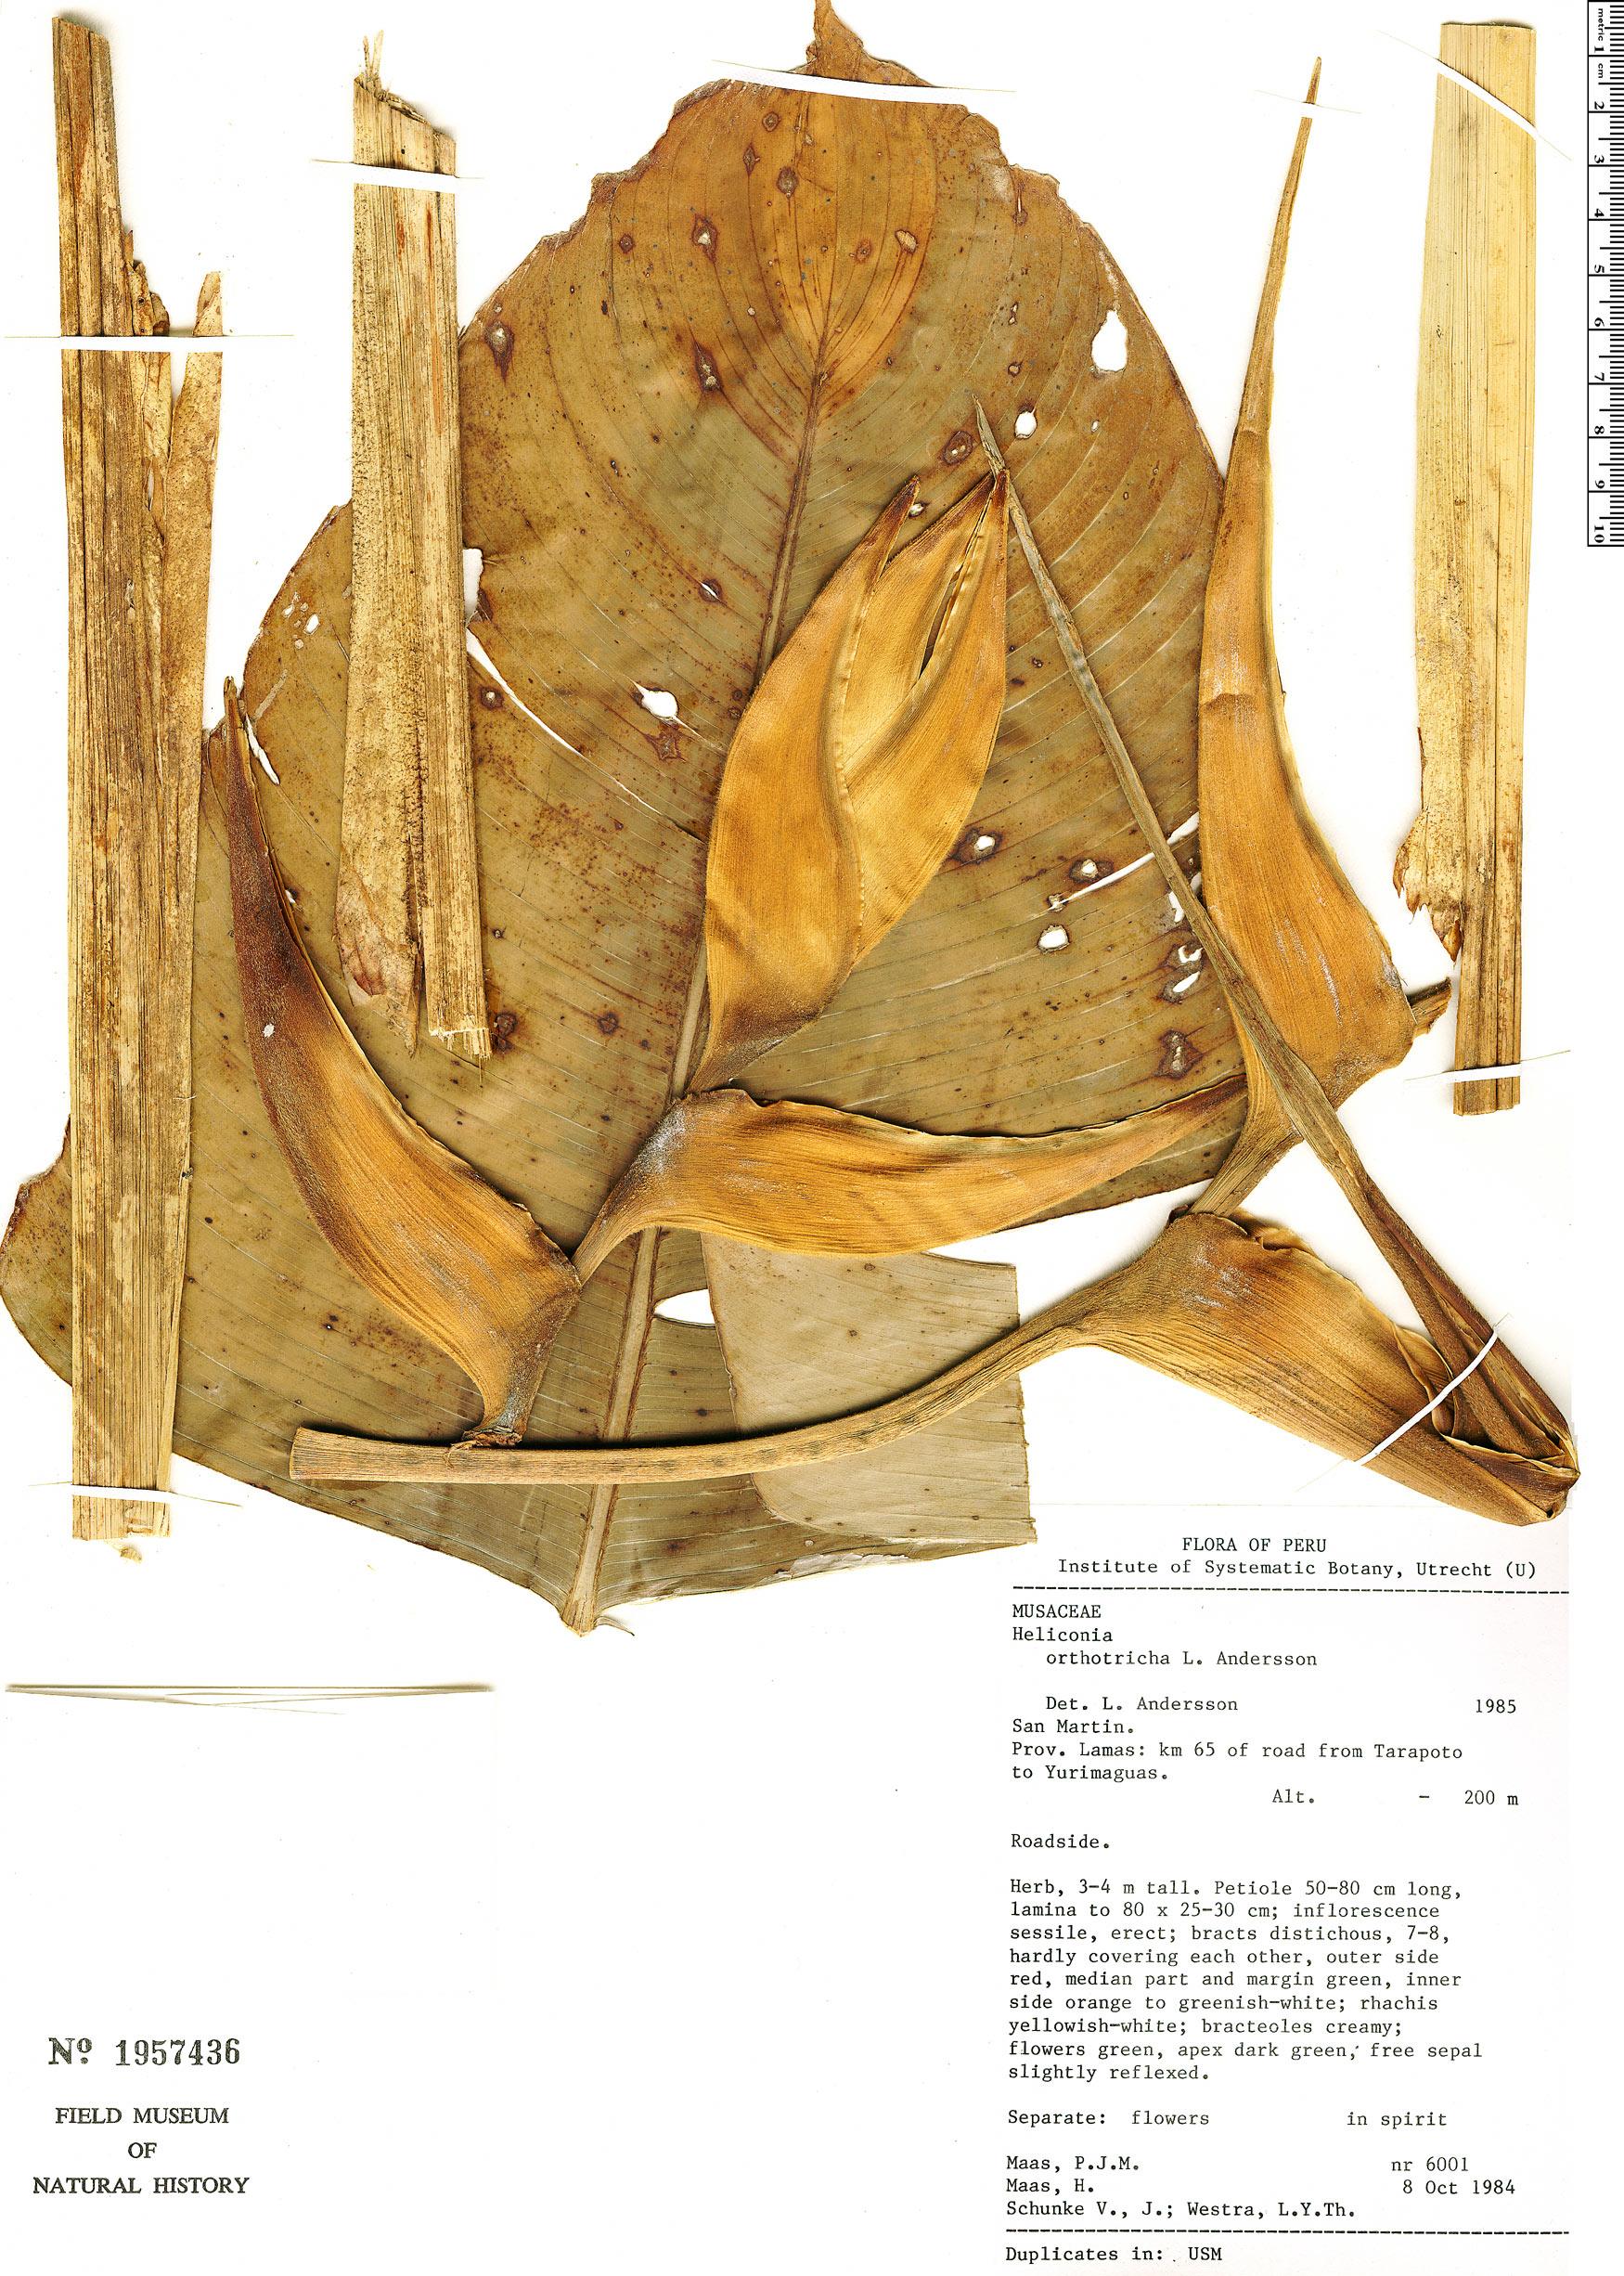 Specimen: Heliconia orthotricha